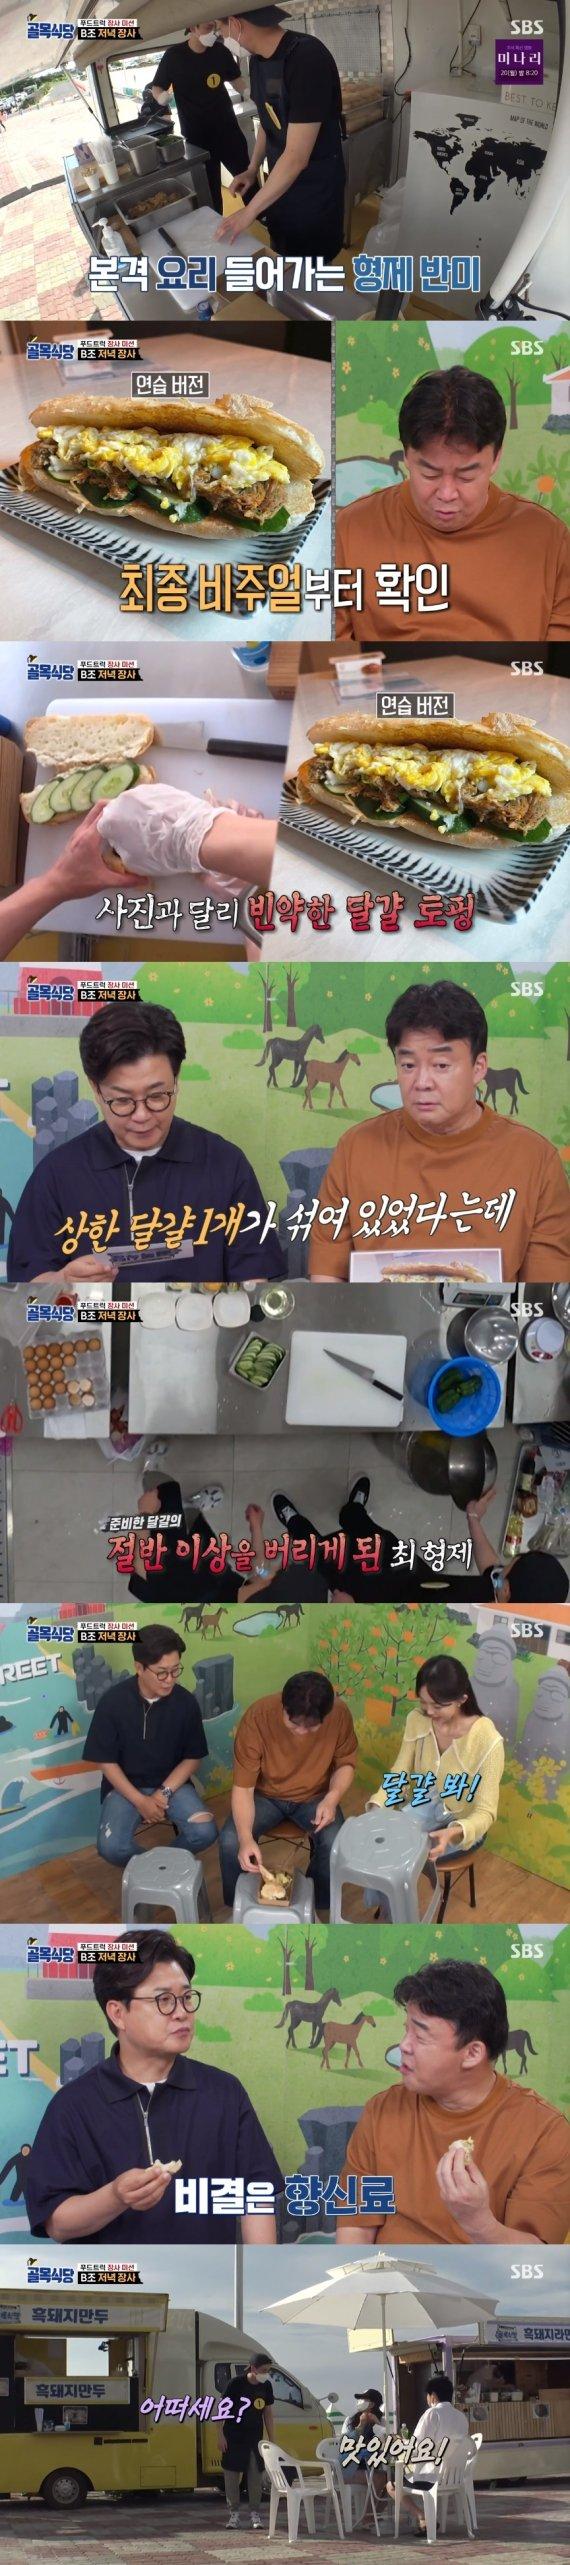 최명근X최재문 형제, 달걀 부족 사태 맛으로 극복…흑돼지반미 '극찬'